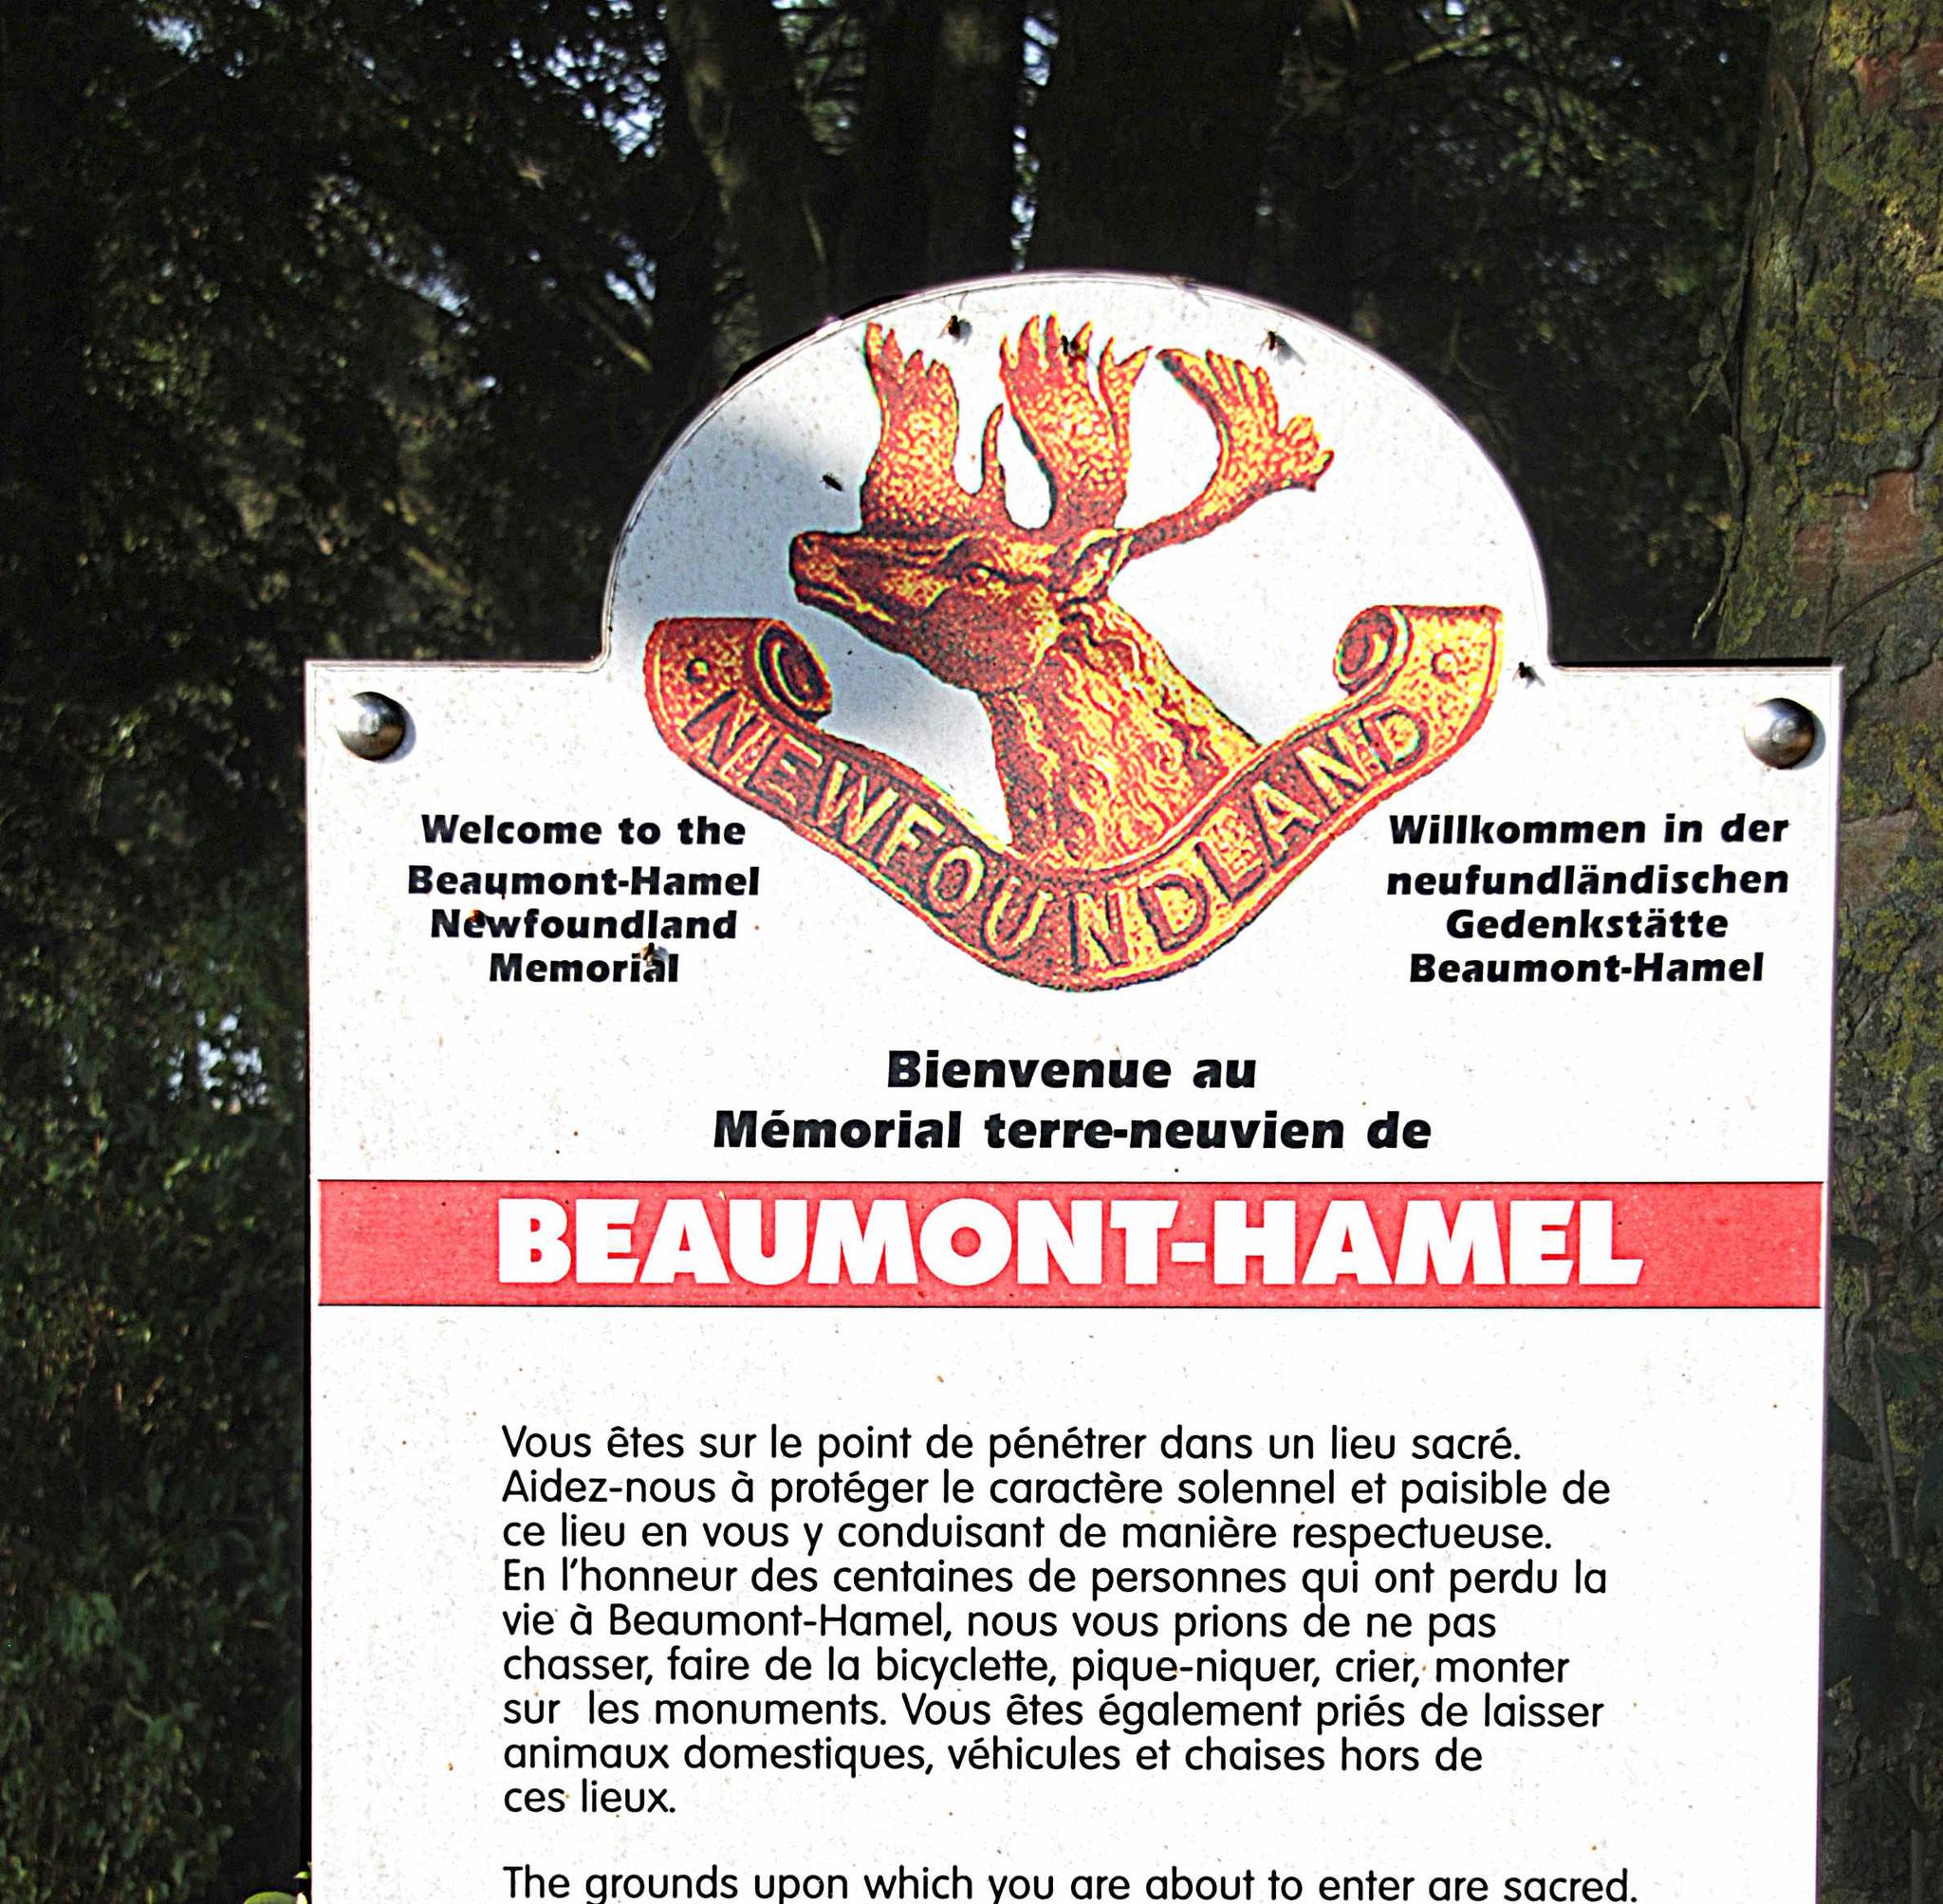 Le site de Beaumont-Hamel est particulièrement bien entretenu